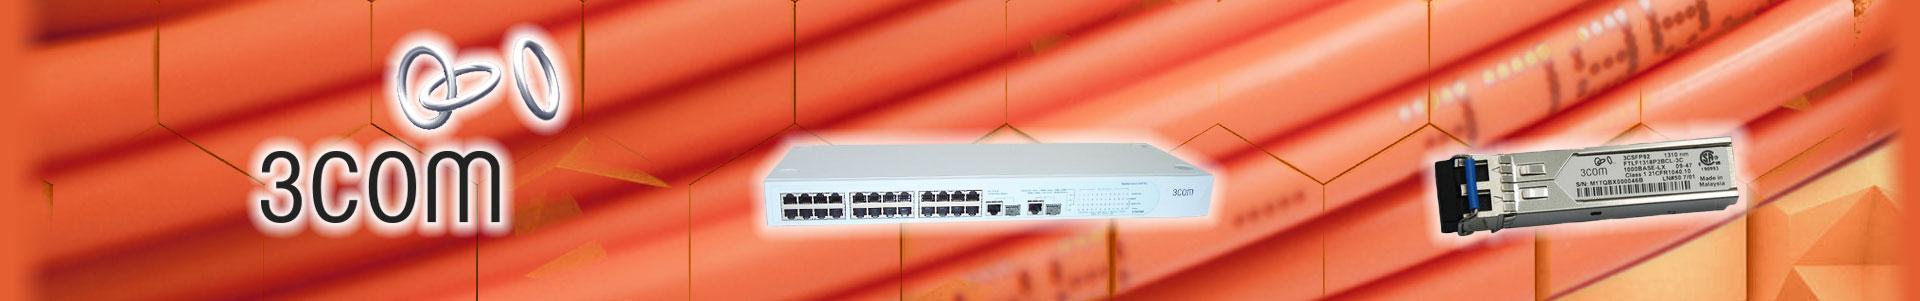 3com networking